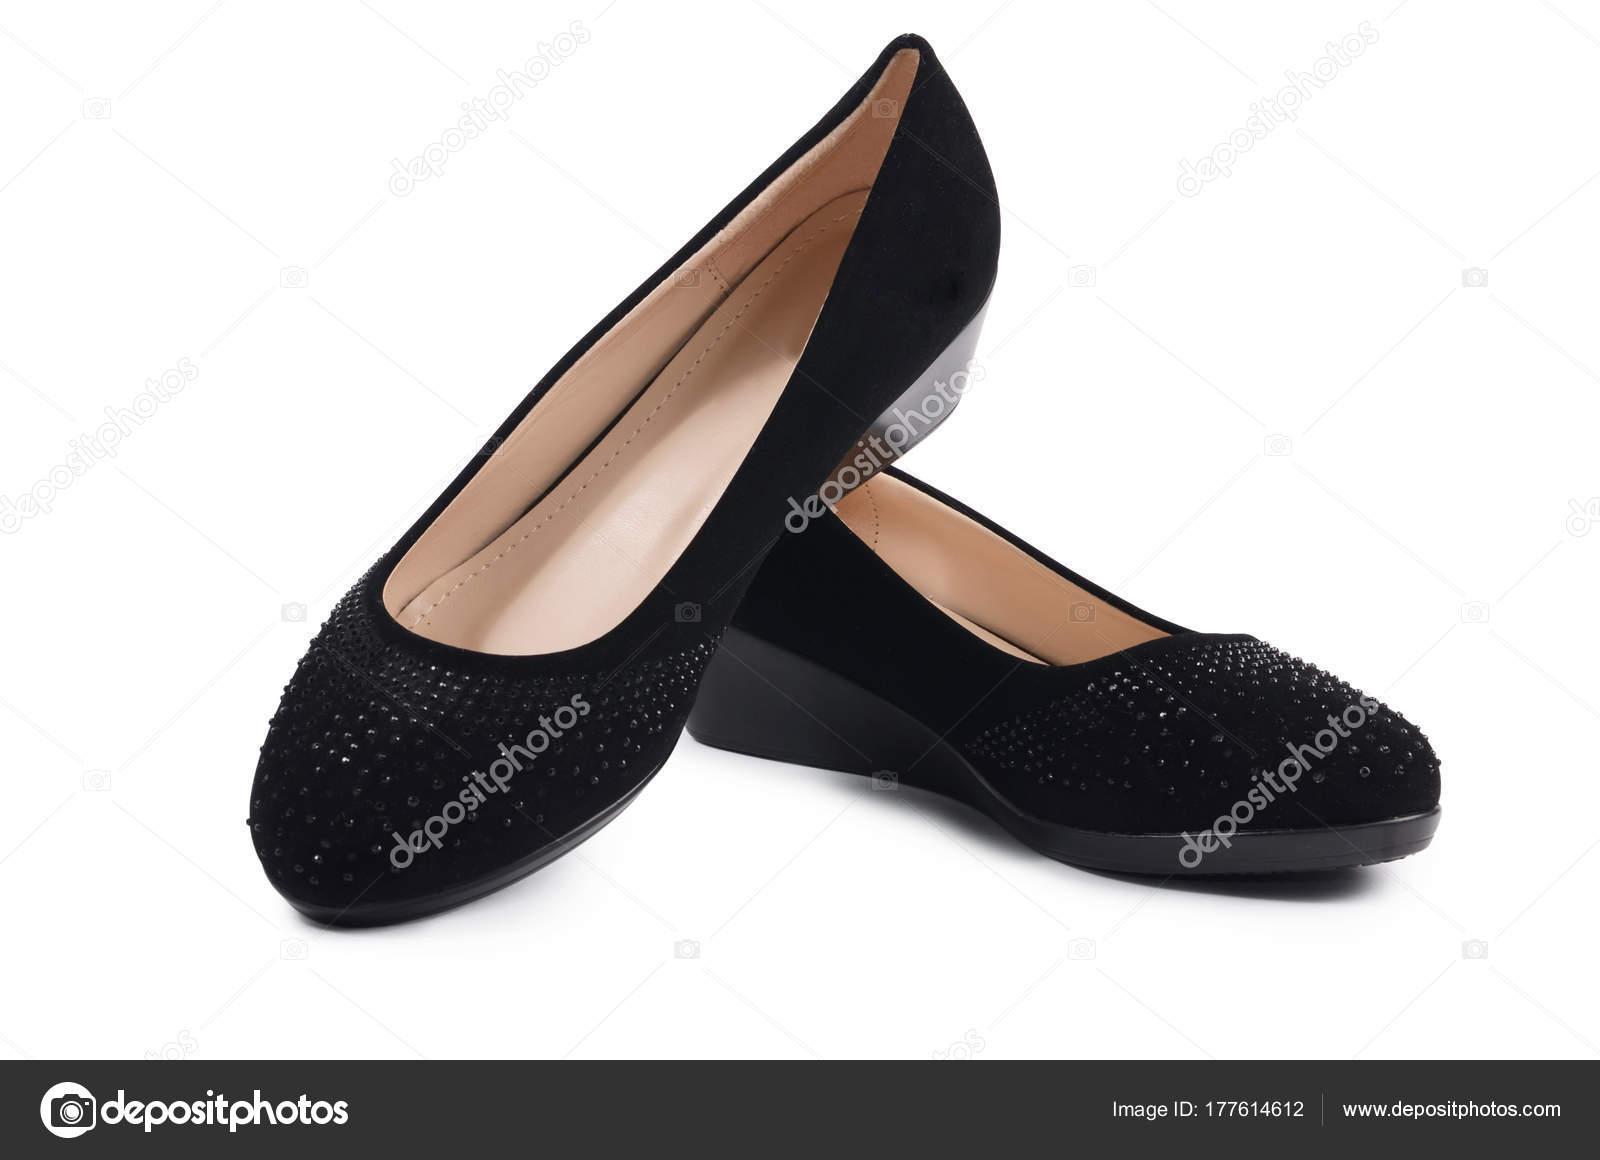 3a8ea1df1c Zapatos Negros Mujer Aislados Sobre Fondo Blanco — Fotos de Stock ...